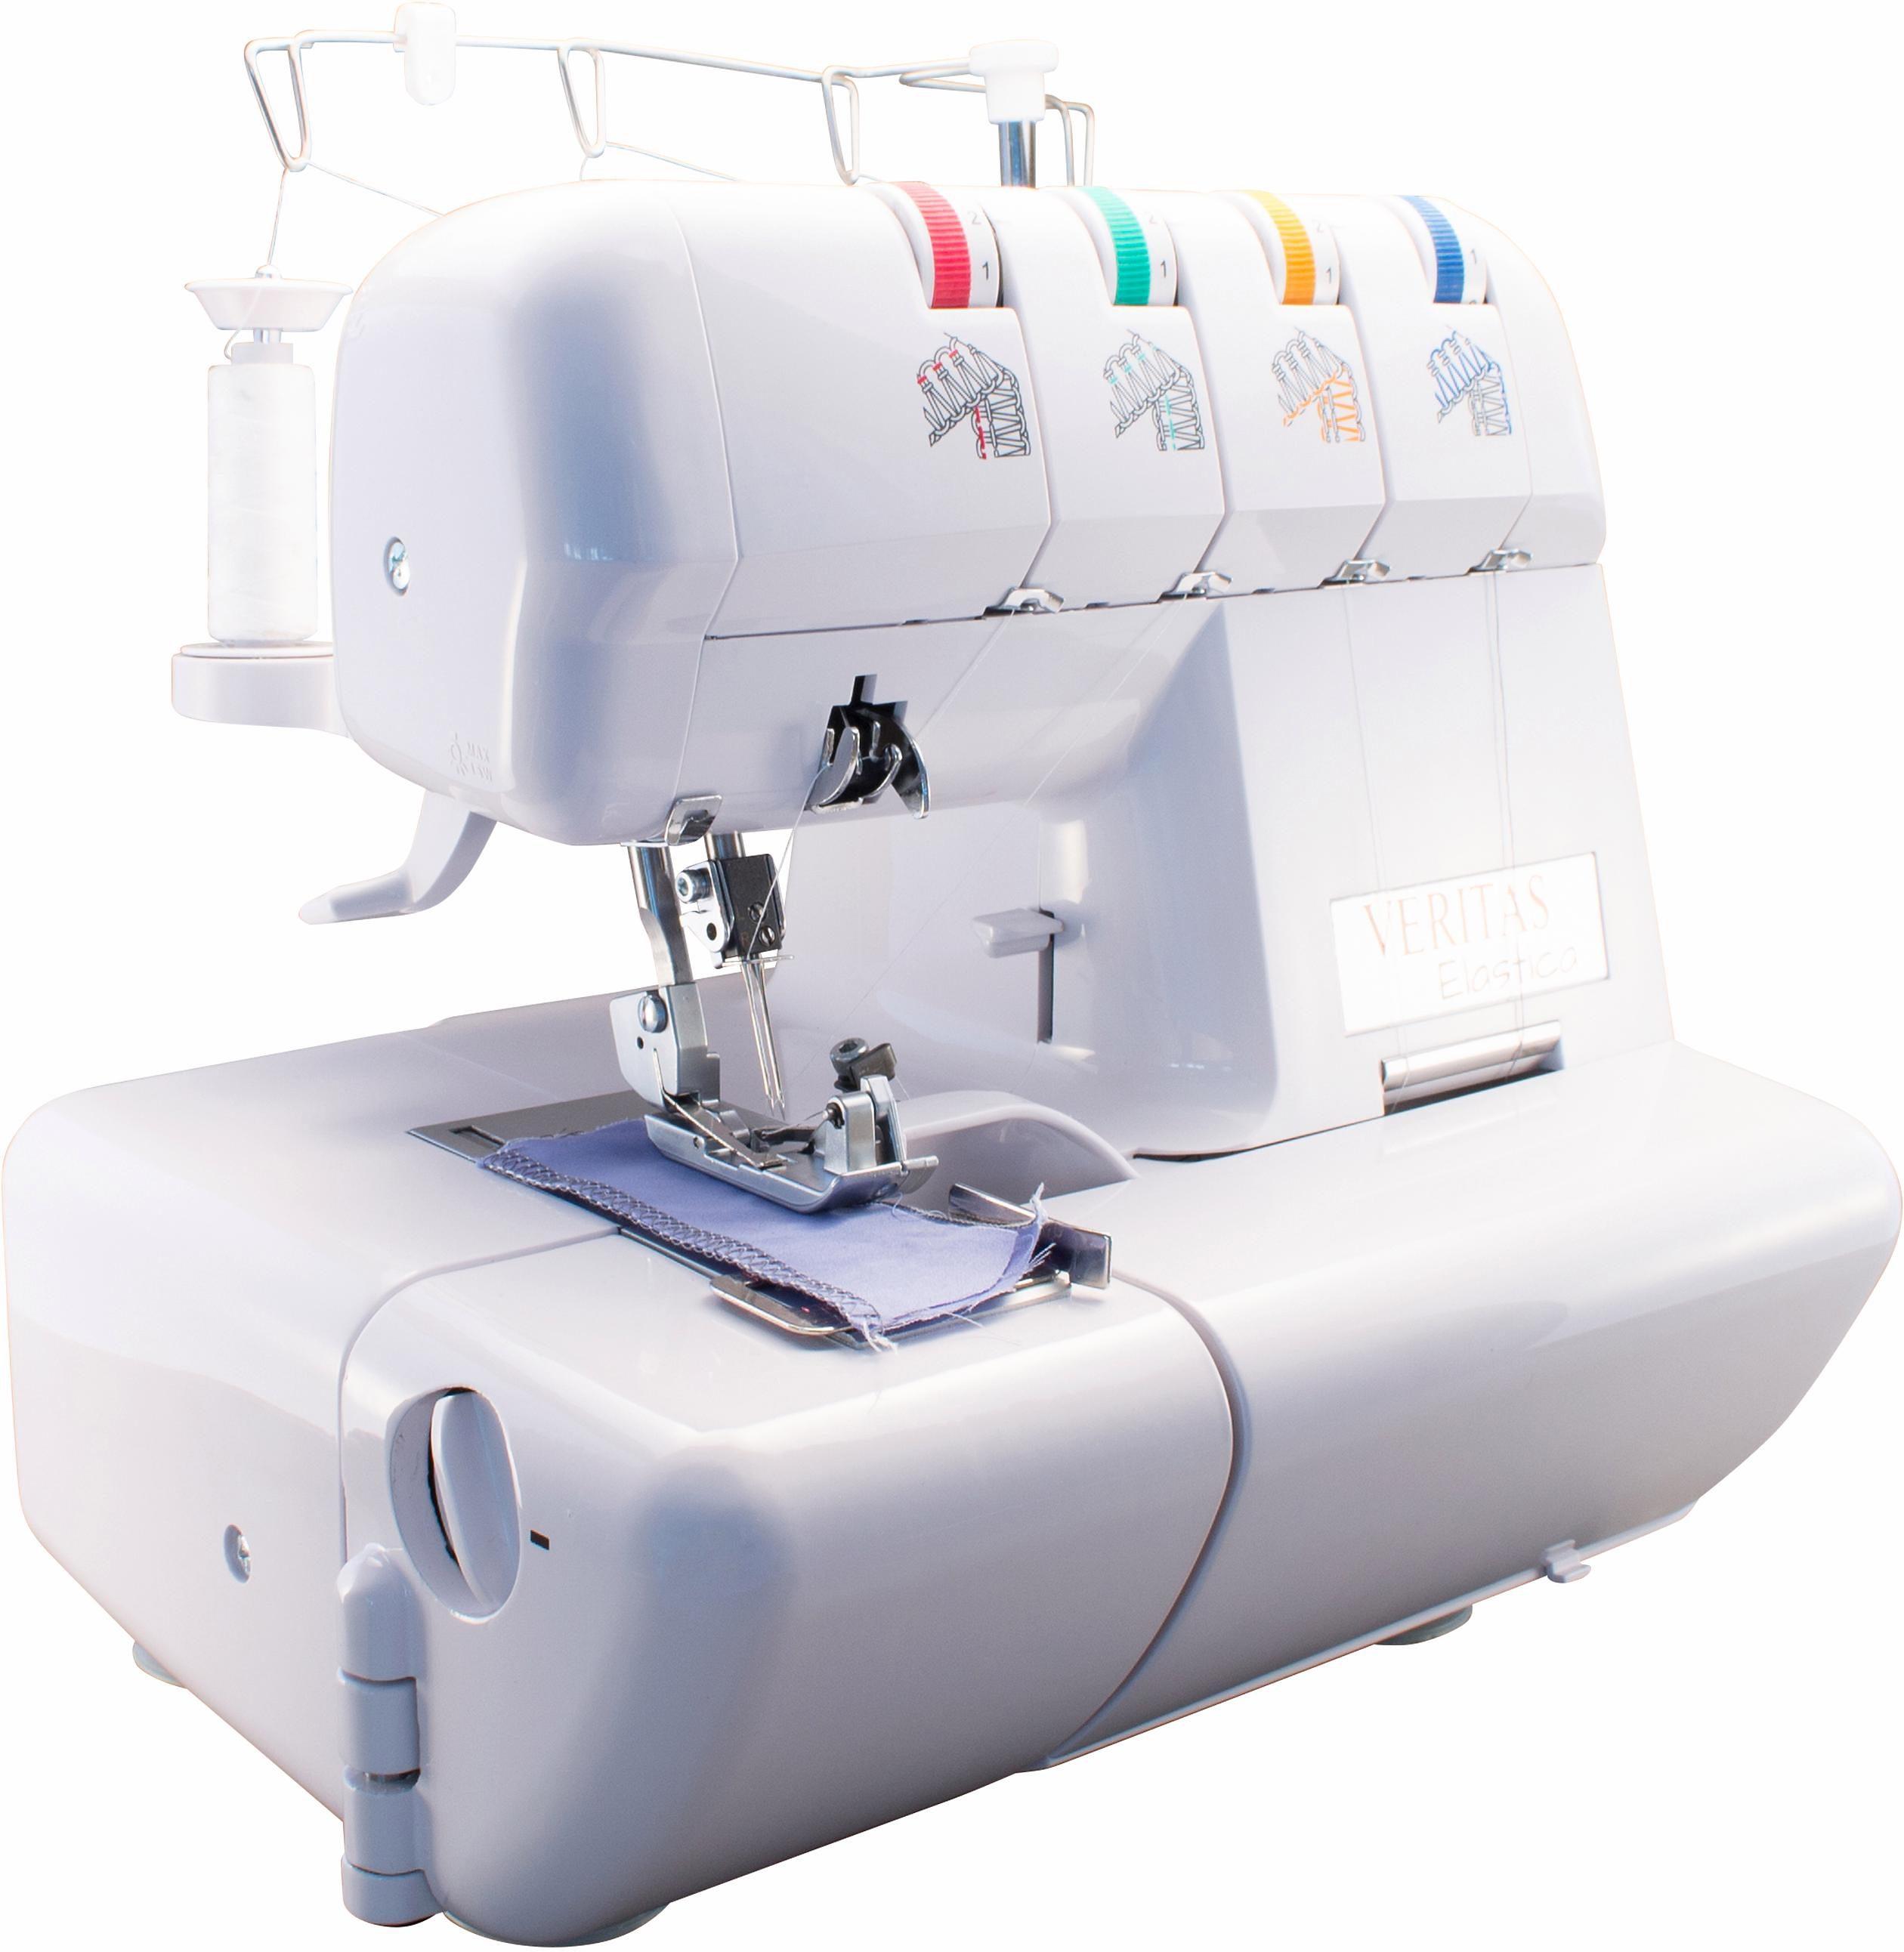 Veritas Overlock-Nähmaschine Elastica | Flur & Diele > Haushaltsgeräte > Strick und Nähmaschinen | Weiß | VERITAS